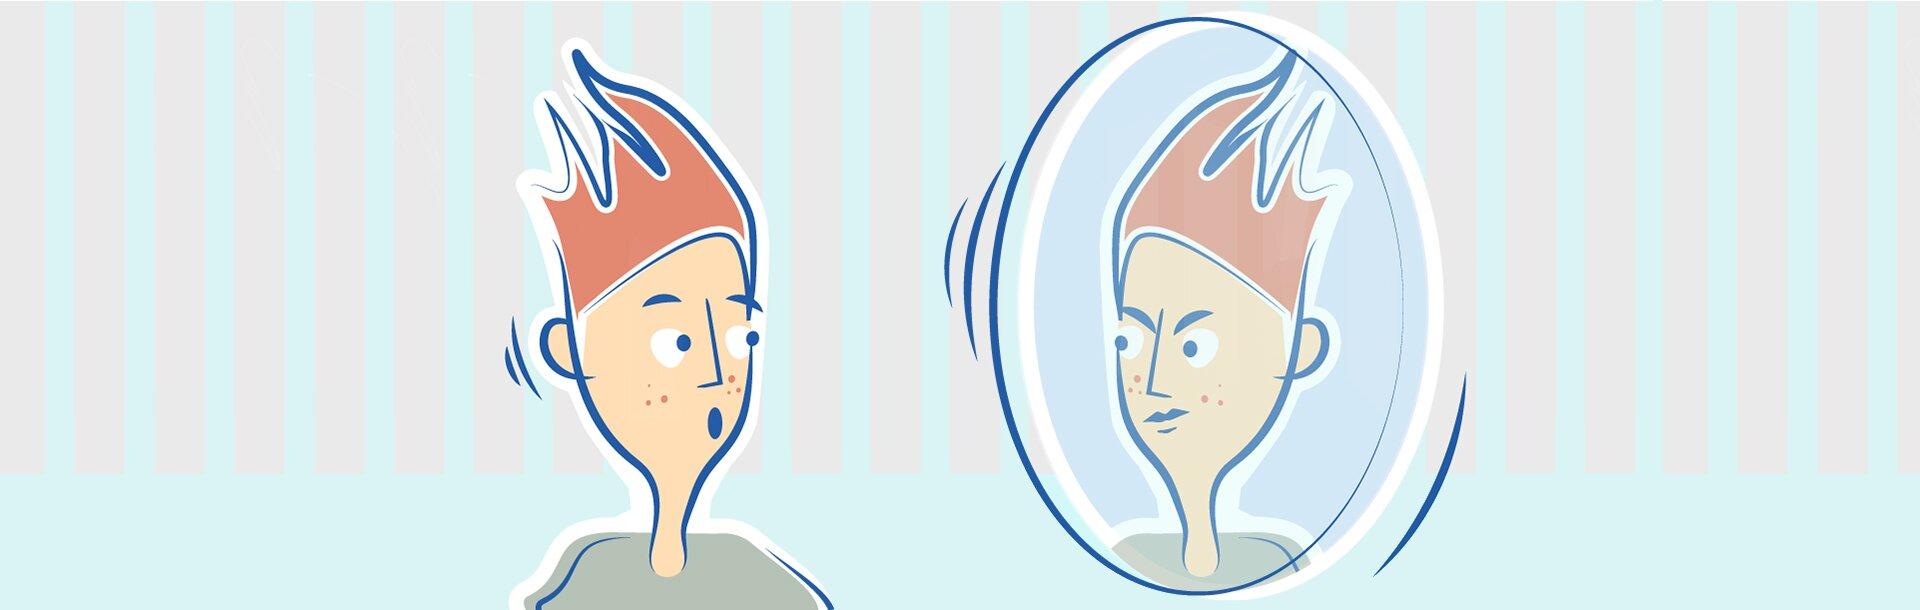 47 Okładka Źródło: Contentplus.pl sp. zo.o., licencja: CC BY 3.0.